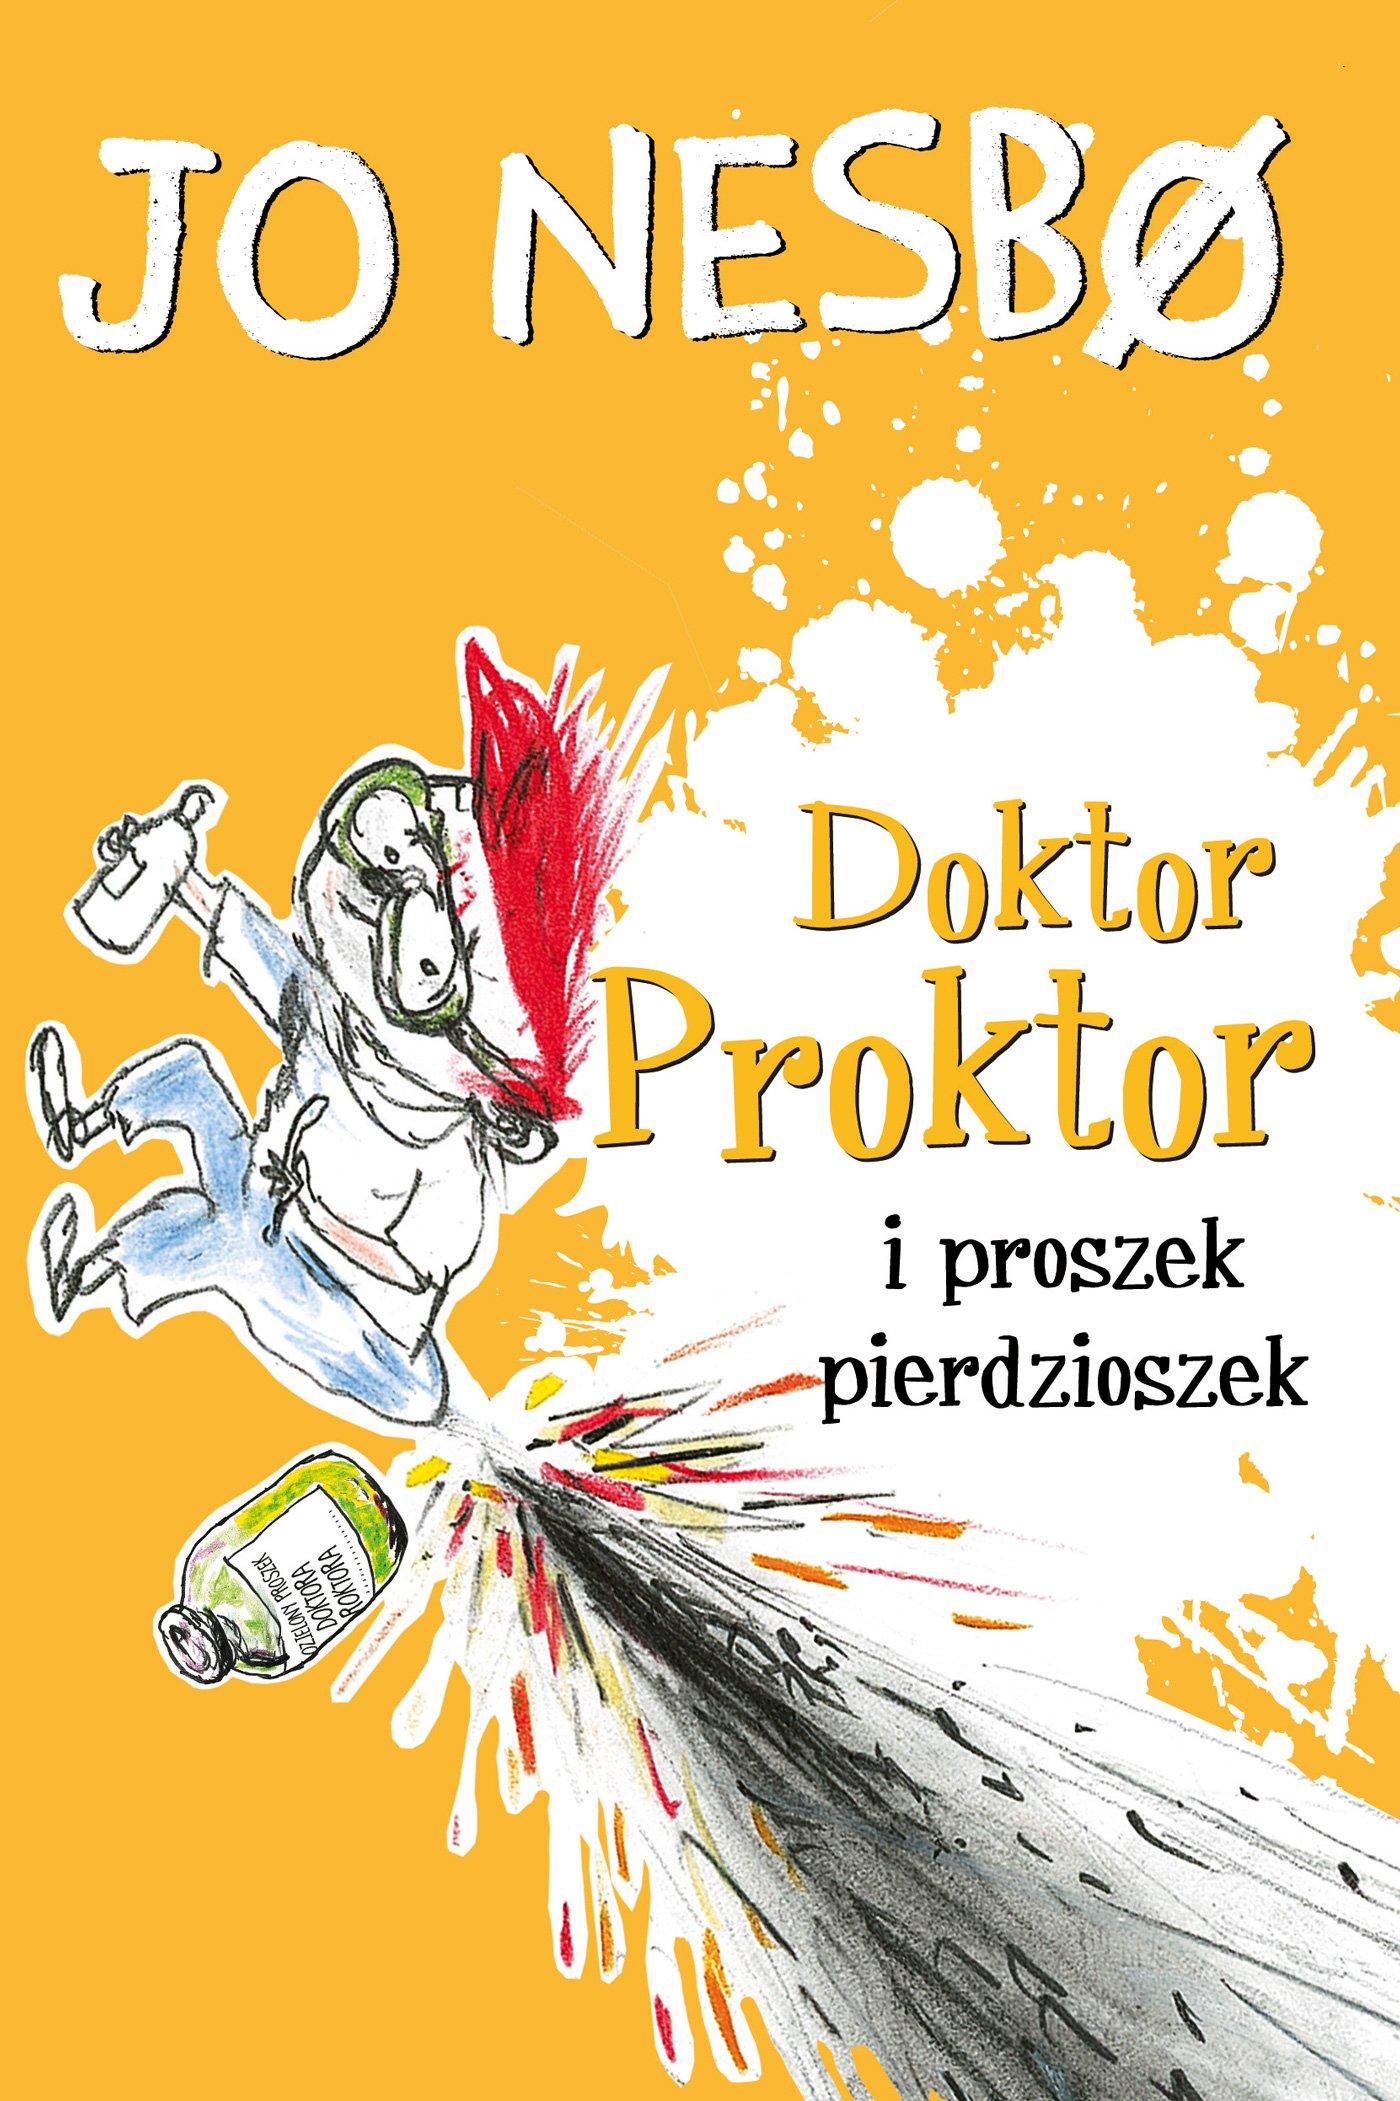 Doktor Proktor i proszek pierdzioszek - Ebook (Książka na Kindle) do pobrania w formacie MOBI